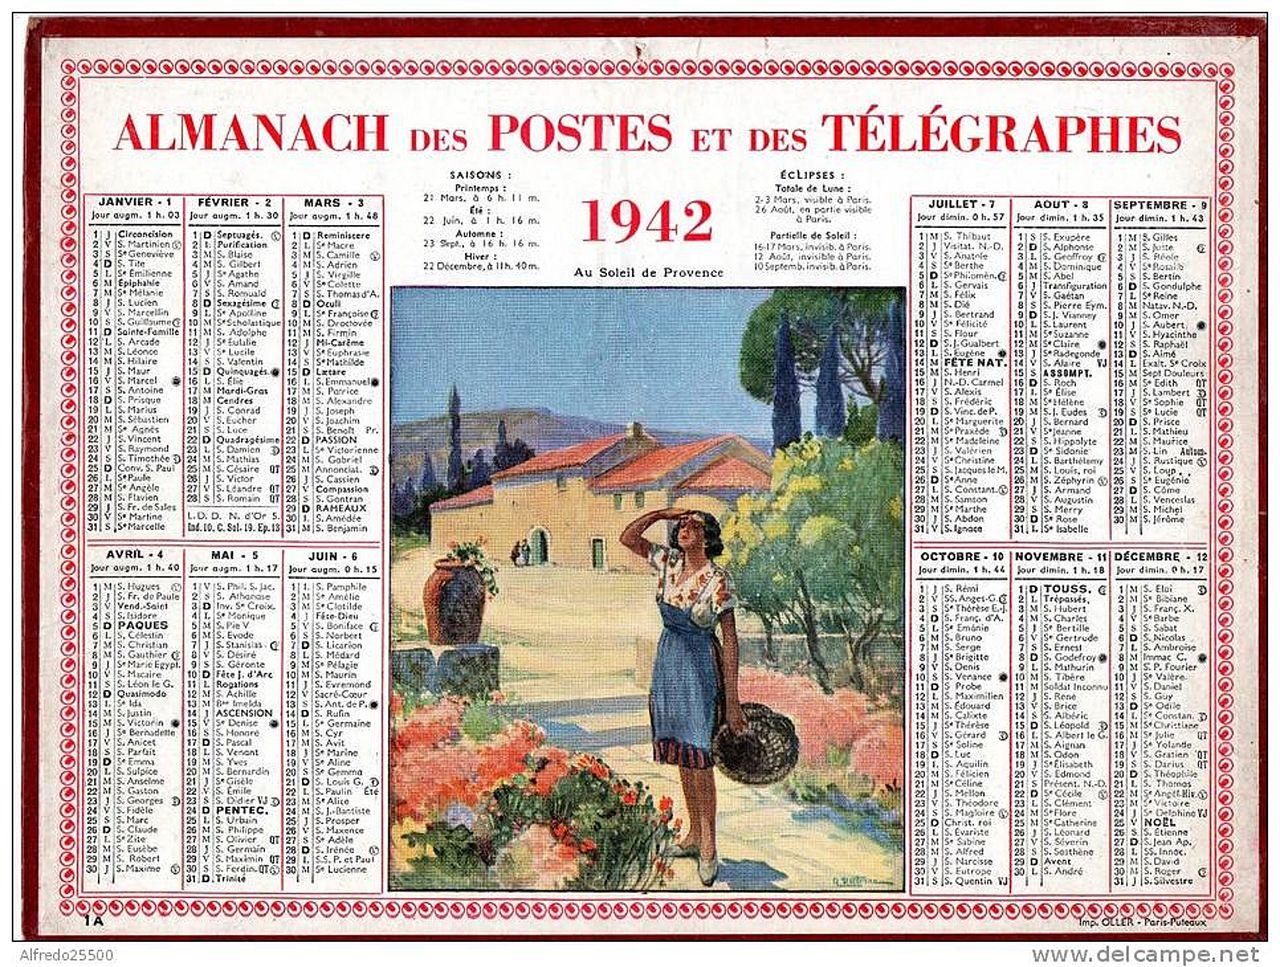 Calendrier Soleil.Fichier Calendrier Des Postes 1942 Au Soleil De Provence Jpg